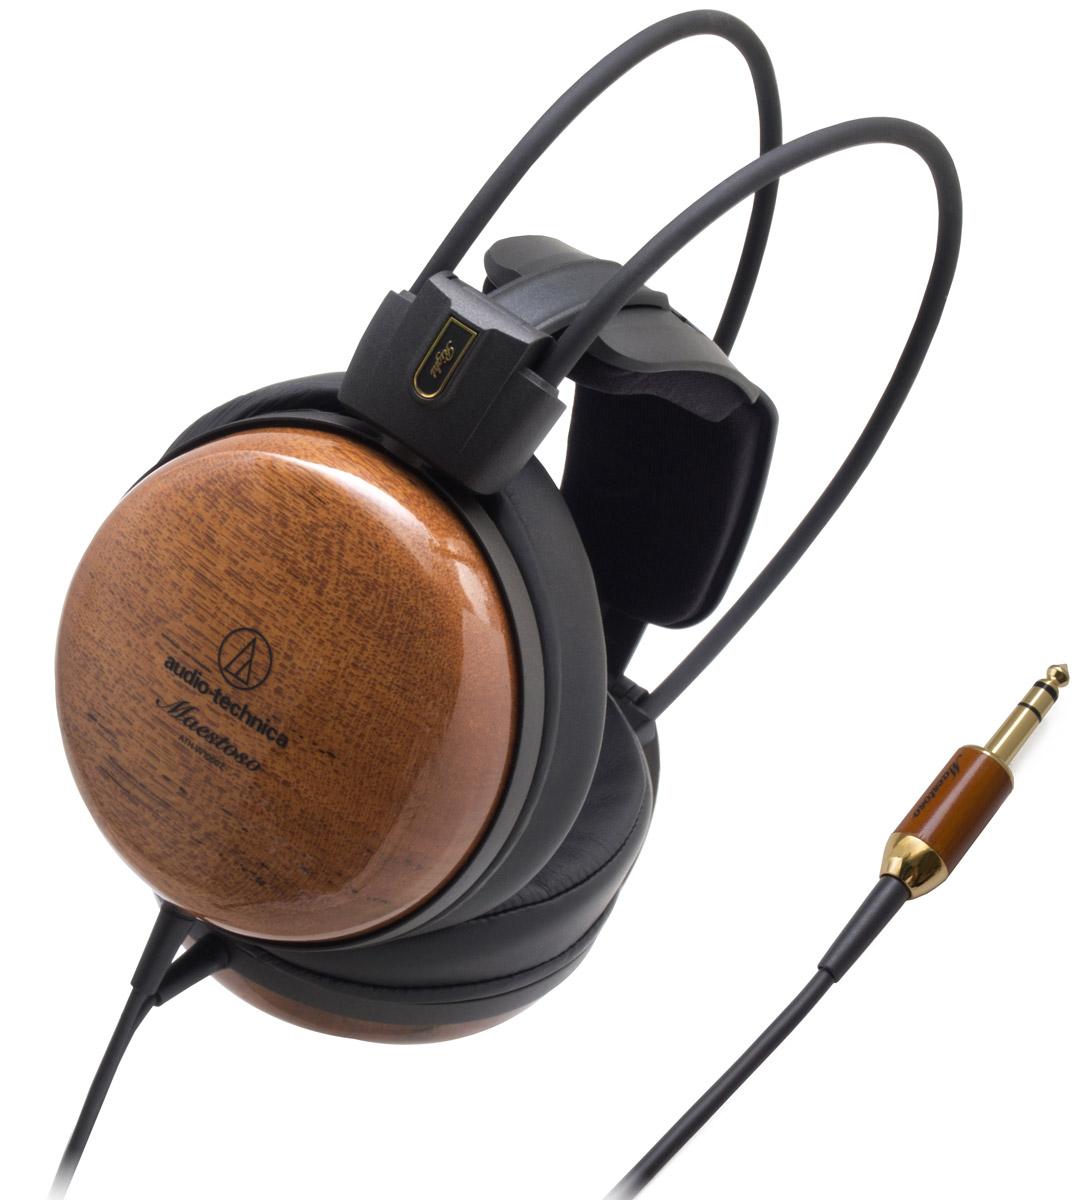 Audio-Technica ATH-W1000Z наушники15118479Audio-Technica ATH-W1000Z – выдающиеся Hi-Fi-наушники со звуком высокого разрешения. Благодаря чашкам из тика, одной из трёх самых ценных пород дерева в мире, эти наушники обеспечивают великолепное тёплое звучание с сочными басами. Кроме того, низкочастотный диапазон расширен за счёт применения эксклюзивной технологии двойного демпфирования вторичных колебаний (D.A.D.S.). 53-миллиметровые драйверы, оснащённые звуковыми катушками с обмоткой из бескислородной меди (OFC-7N), обеспечивают передачу всех нюансов звучания. Лёгкие и при этом очень жёсткие магниевые рамки и дефлекторы помогают уменьшить нежелательные резонансы. Кроме того, резонансы дополнительно гасятся фирменным 3D- креплением наушников, которое также обеспечивает комфортную посадку и позволяет использовать ATH- W1000Z в течение длительного времени. Наушники оснащены 3-метровым двусторонним кабелем с оплёткой из термопластичного эластомера, предотвращающей спутывание.